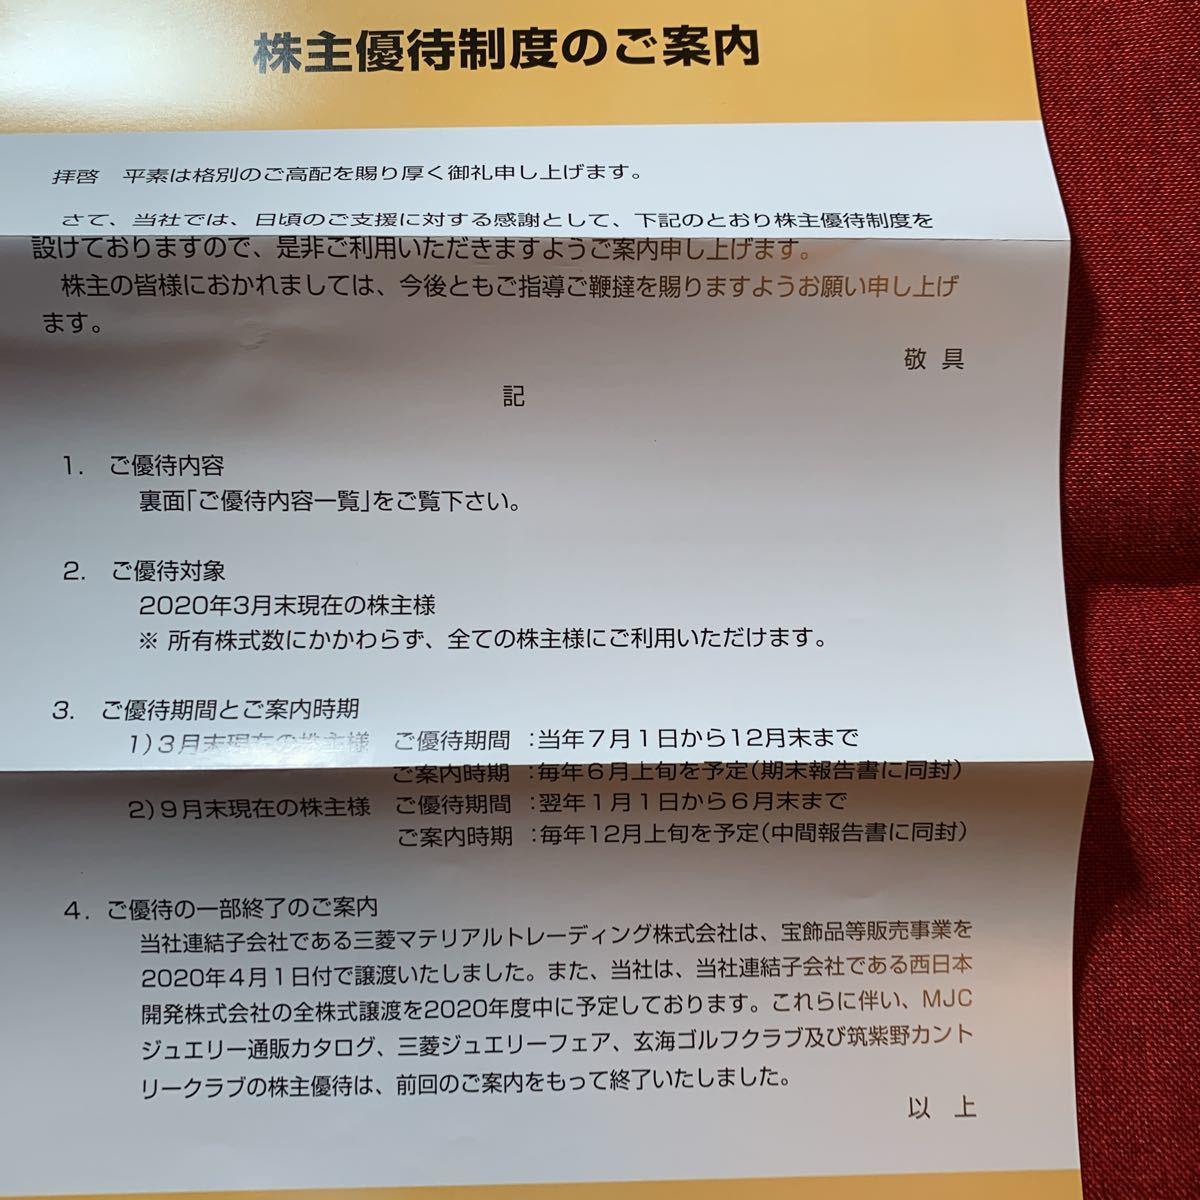 送料無料三菱マテリアル株主優待券1枚 20201231  佐渡金山 _画像1